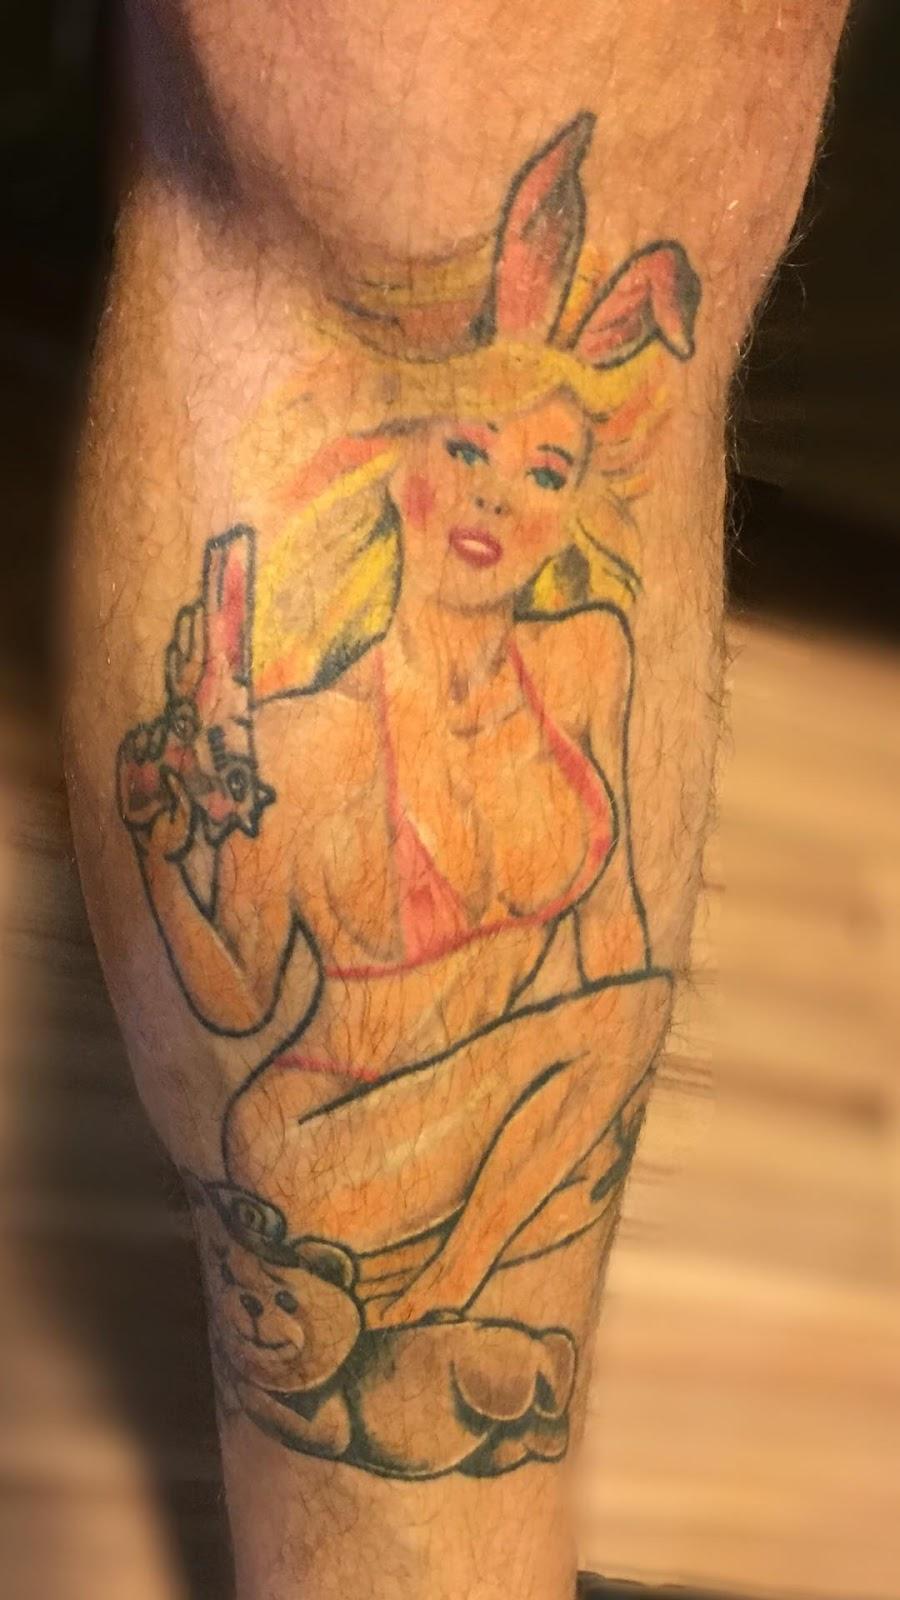 Franklin David mostrou tatuagem de Pamela Anderson na perna esquerda. Foto: Arquivo Pessoal